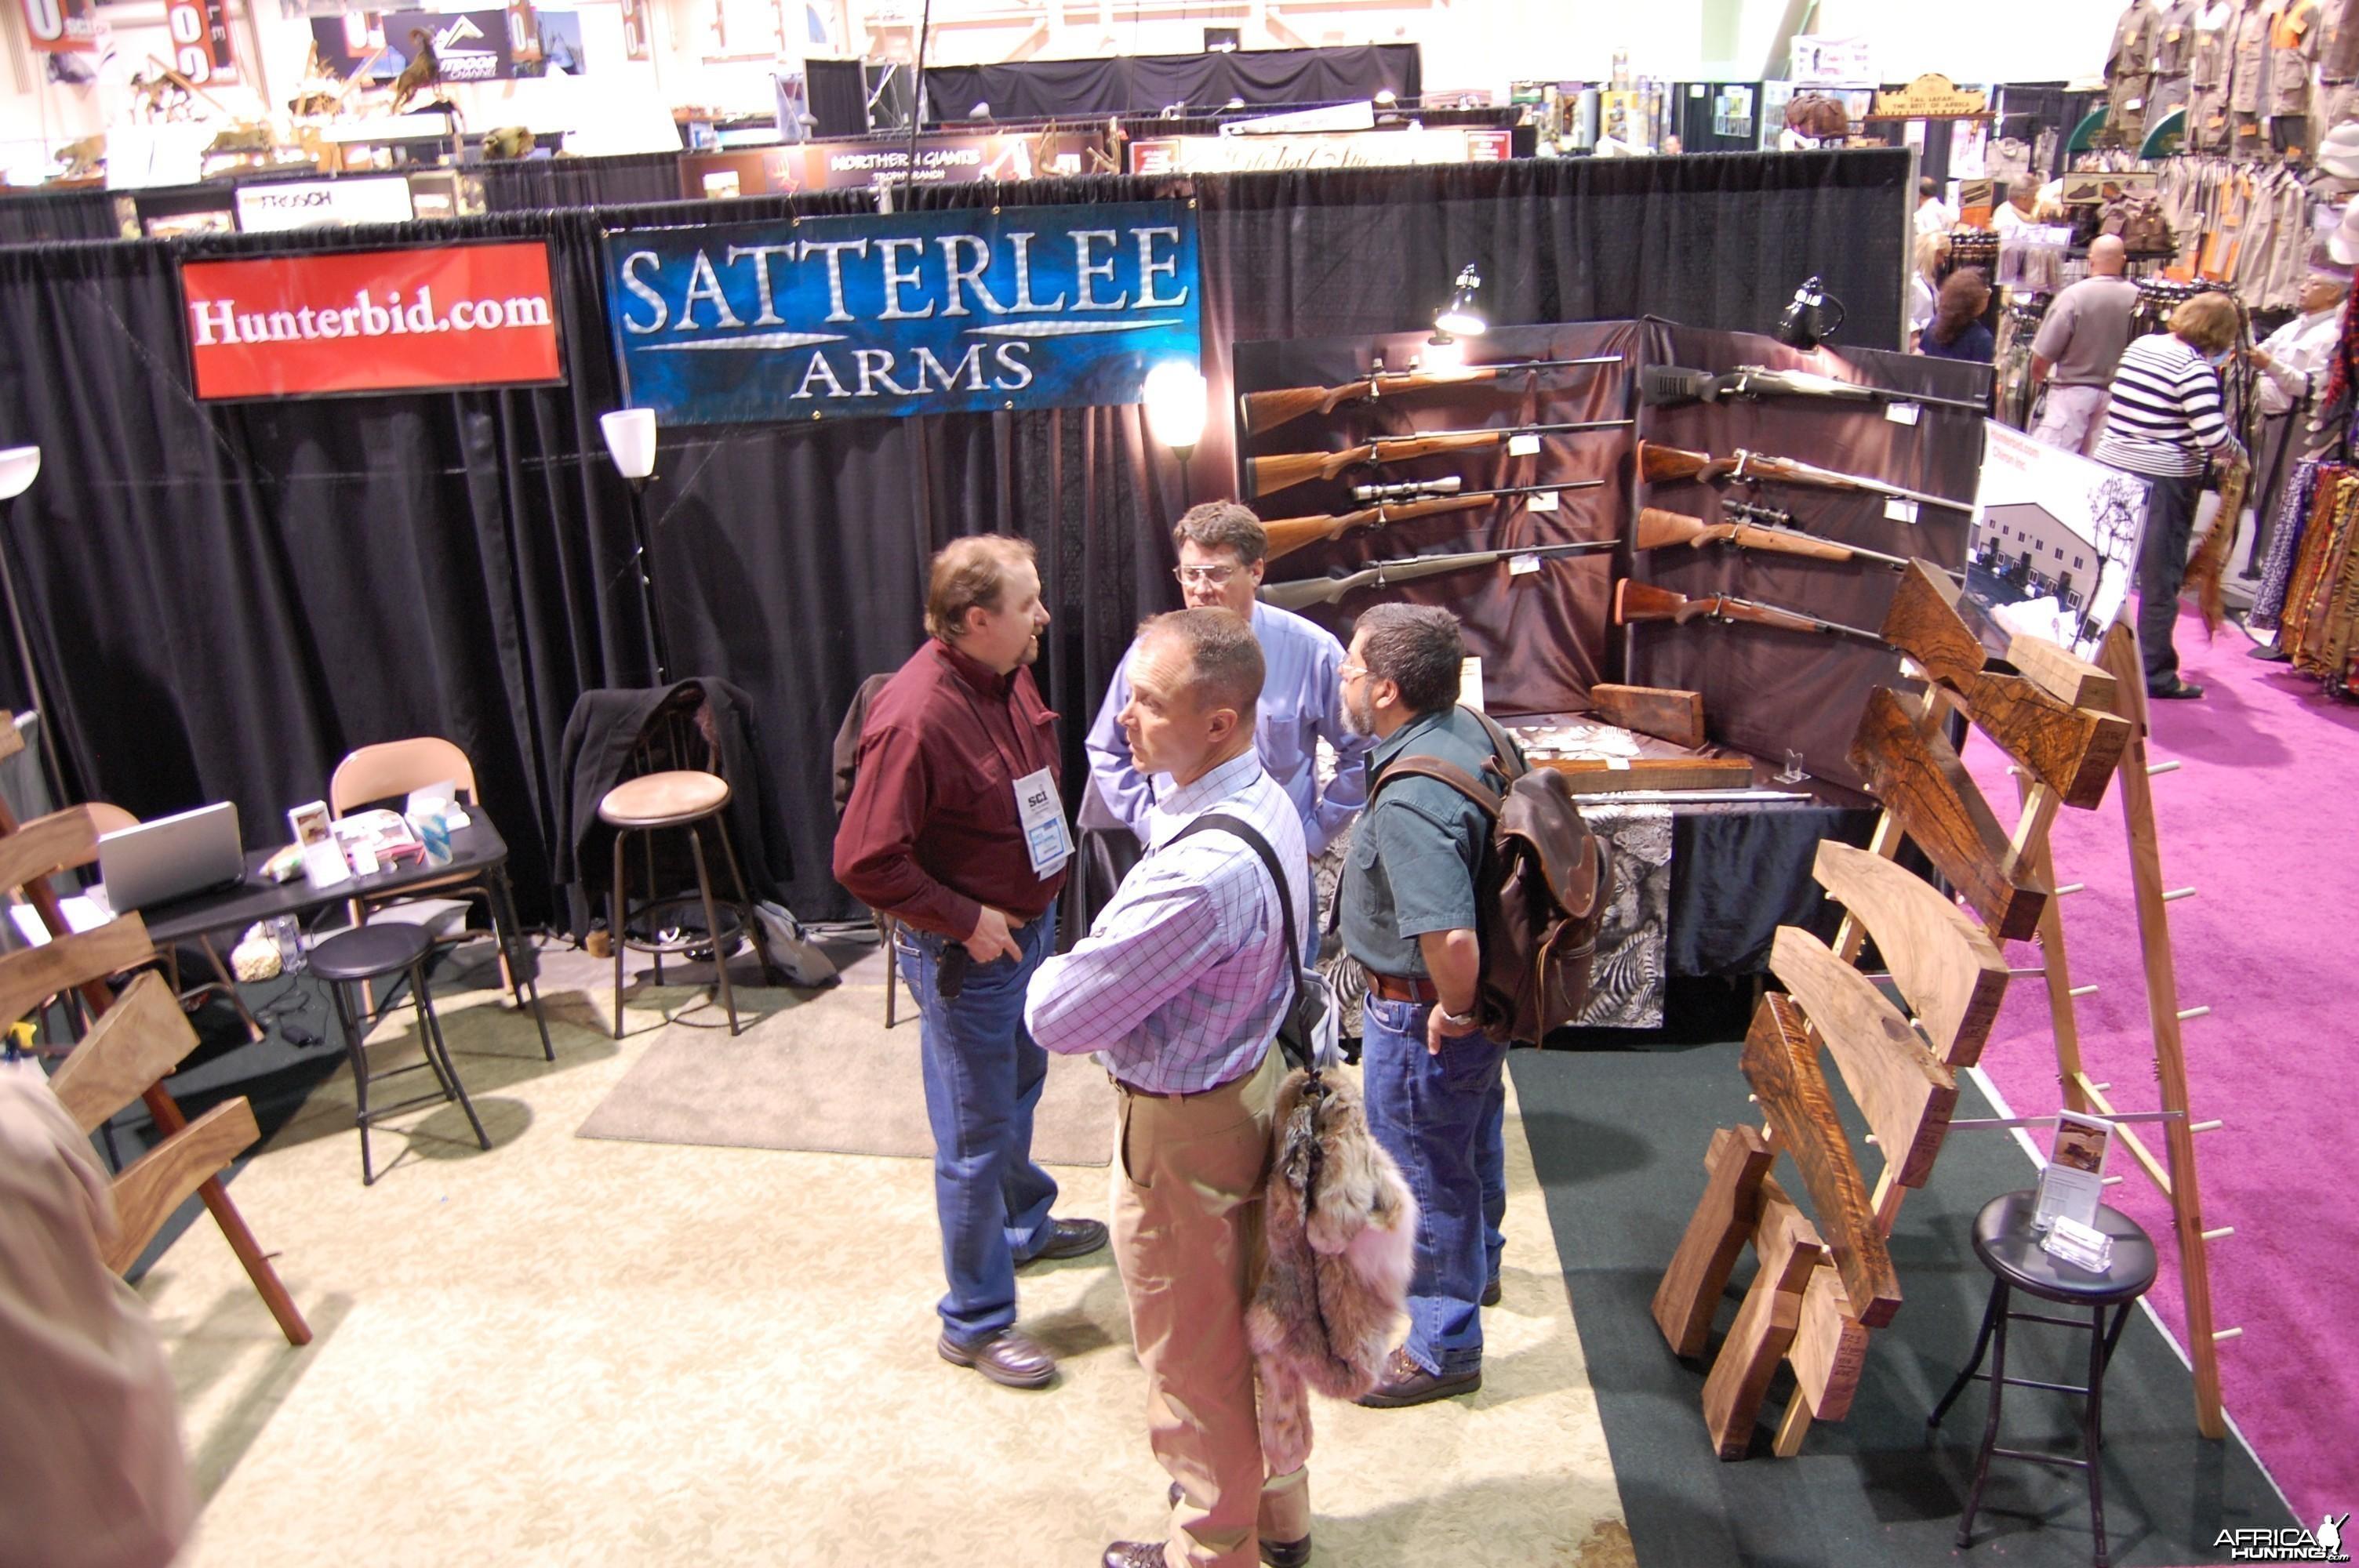 Satterlee Arms